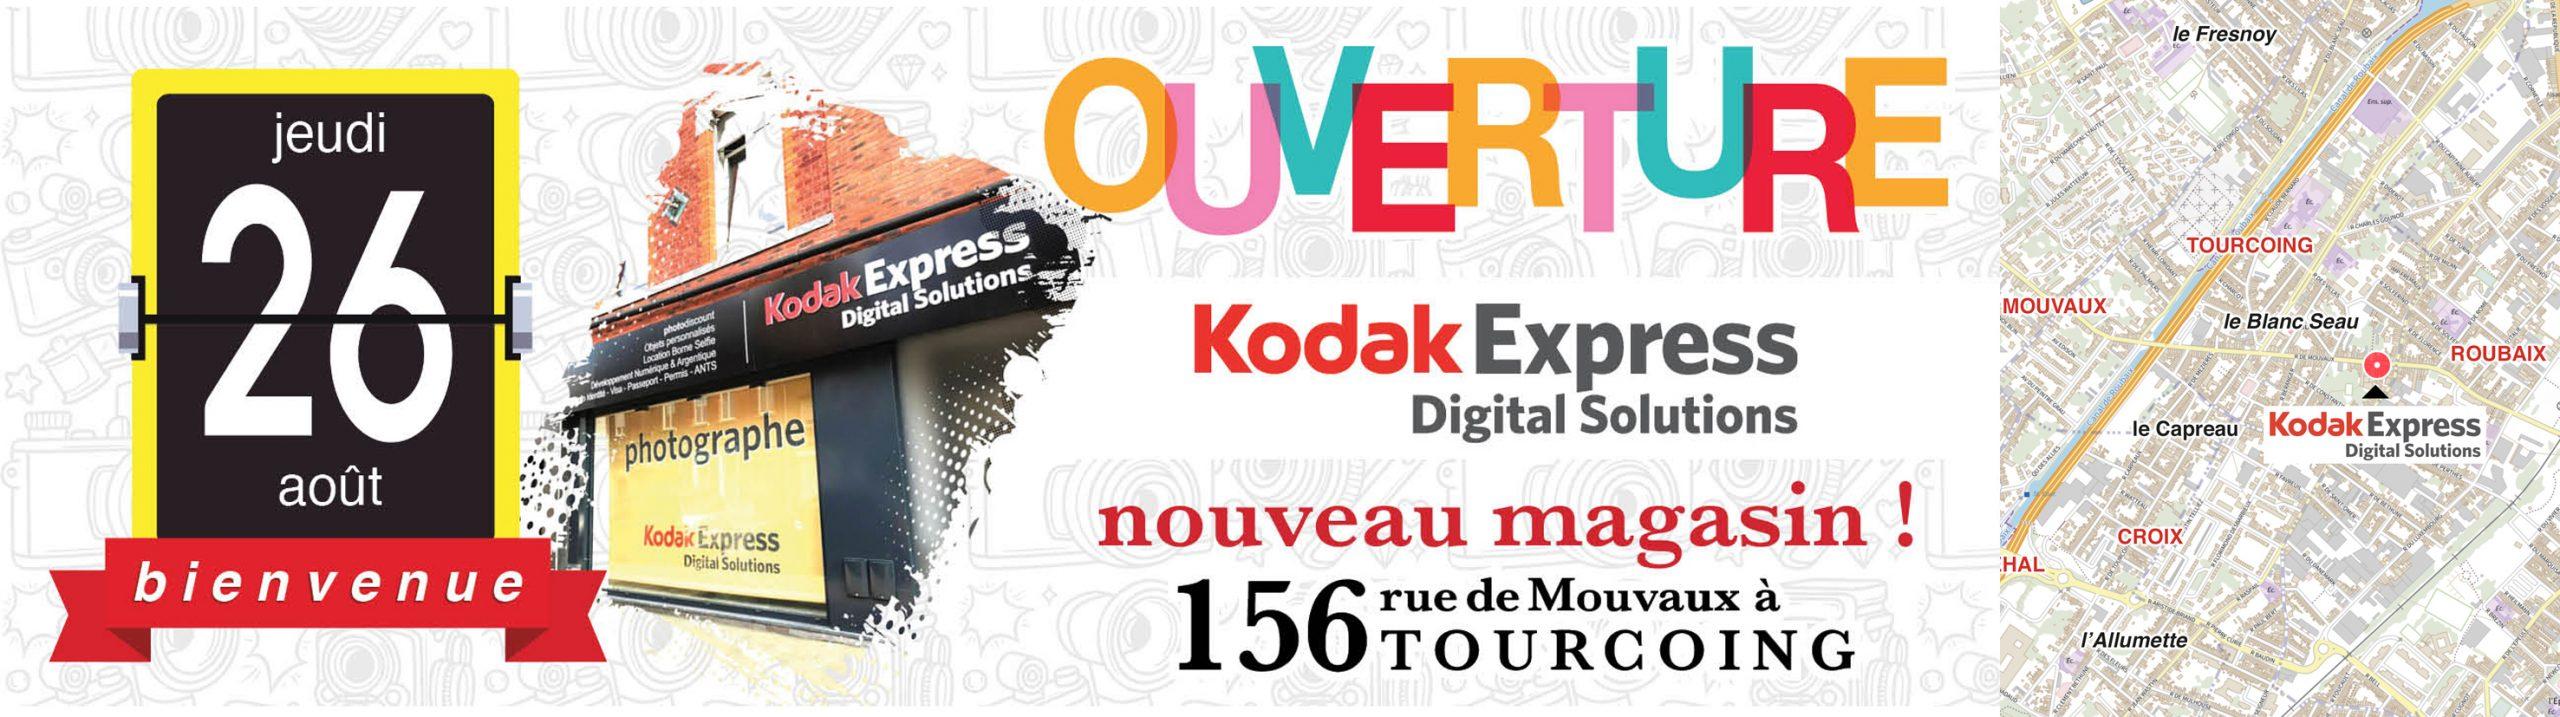 Kodak express Tourcoing